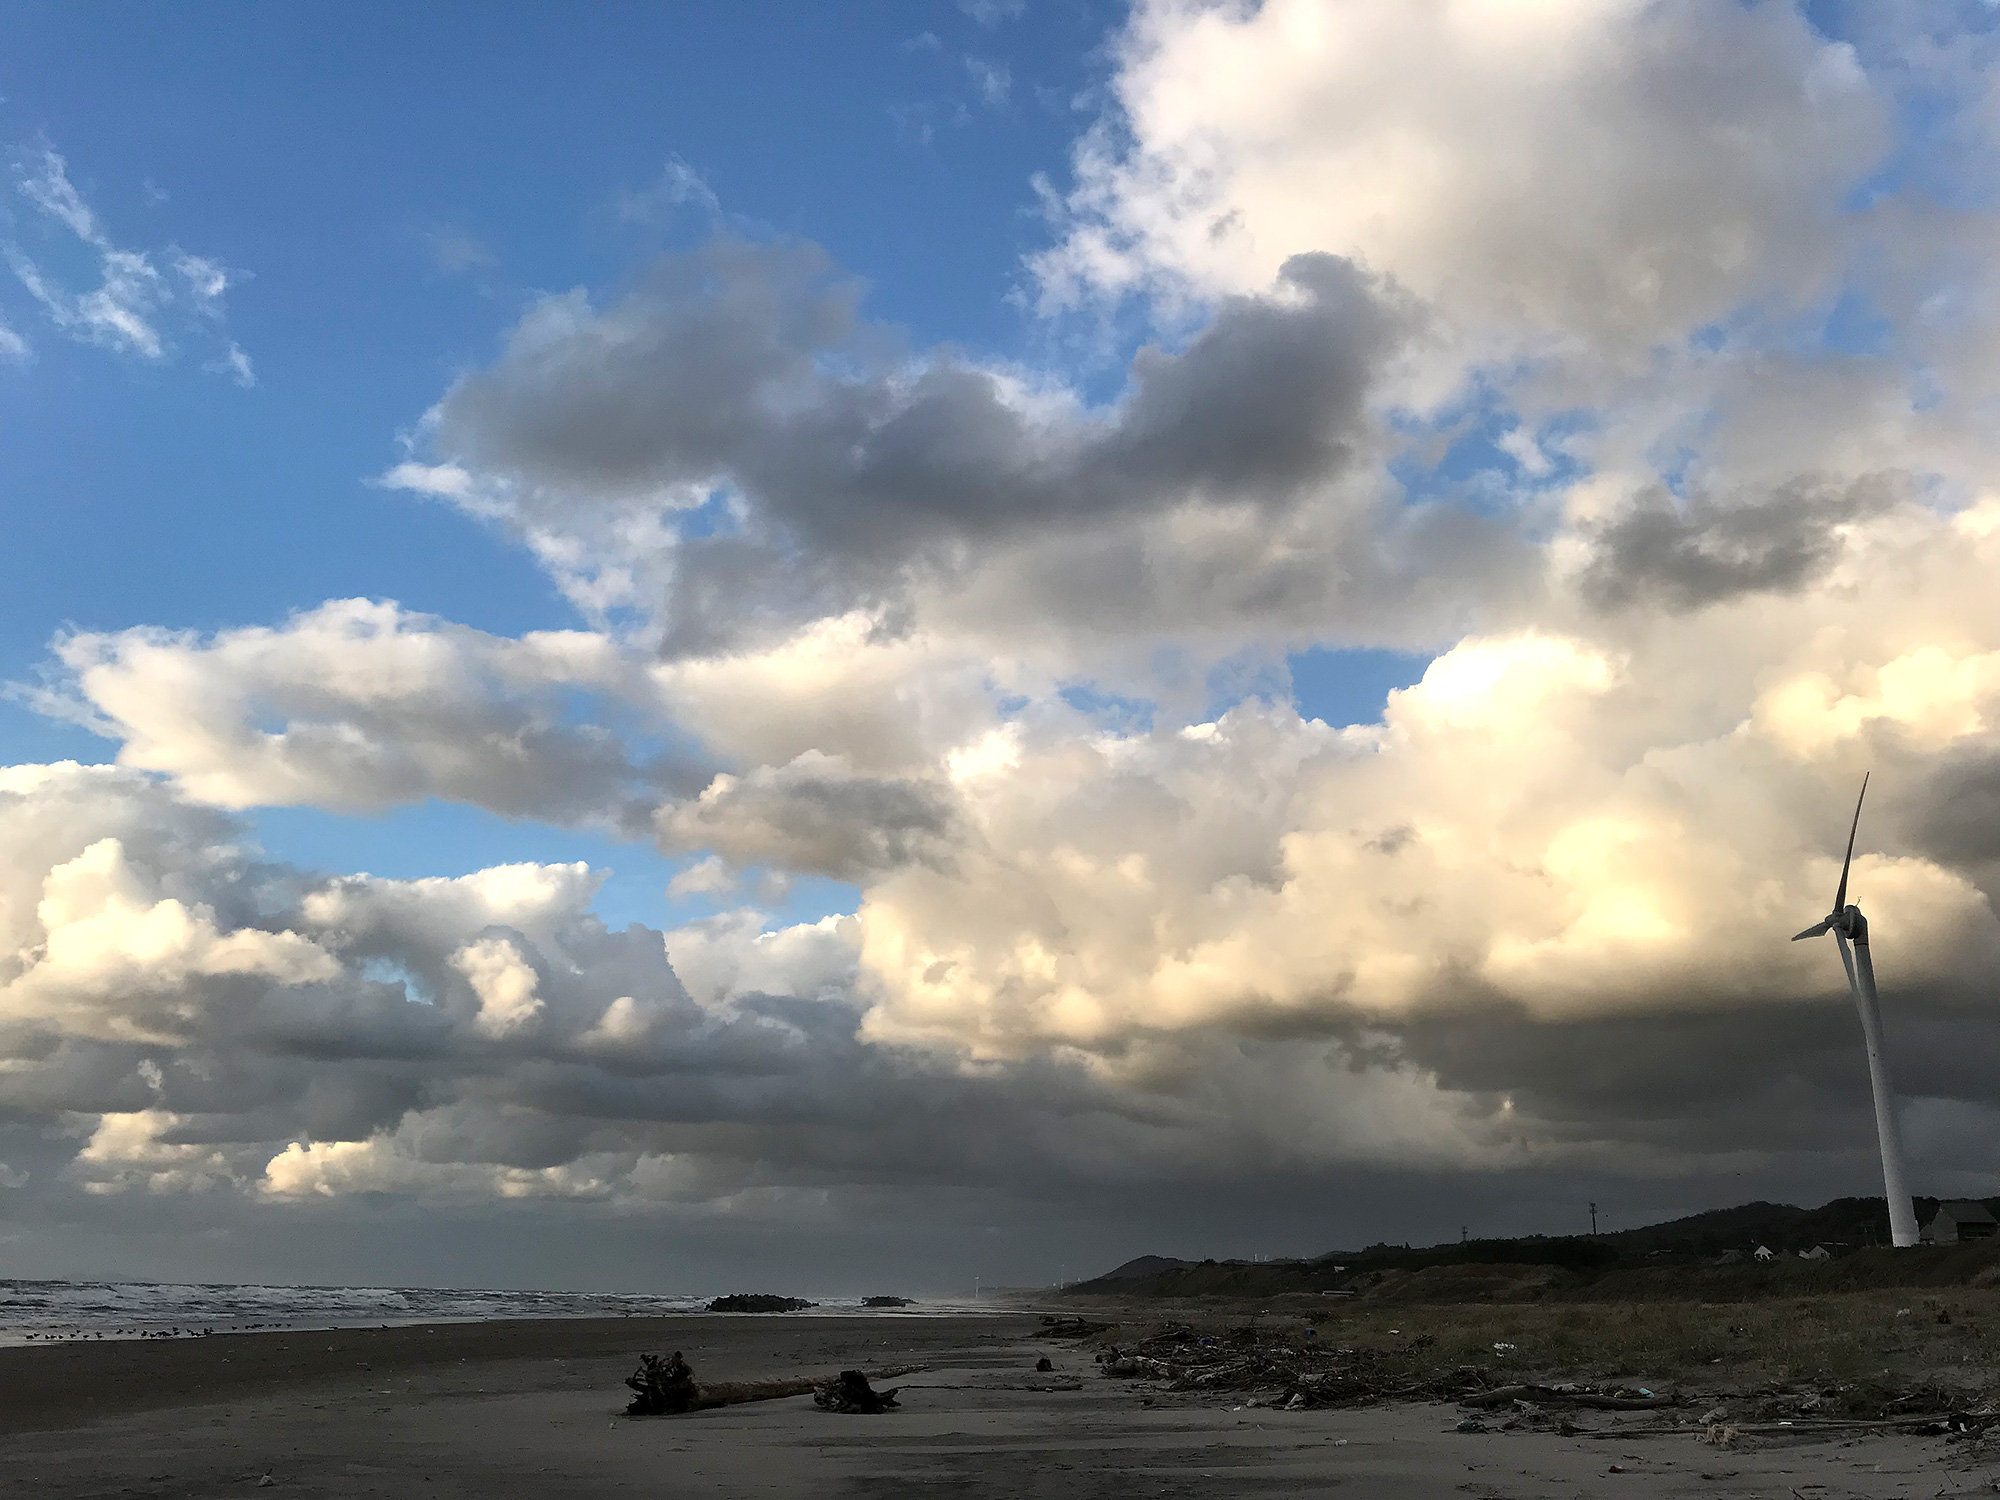 海岸と風車の無料写真素材